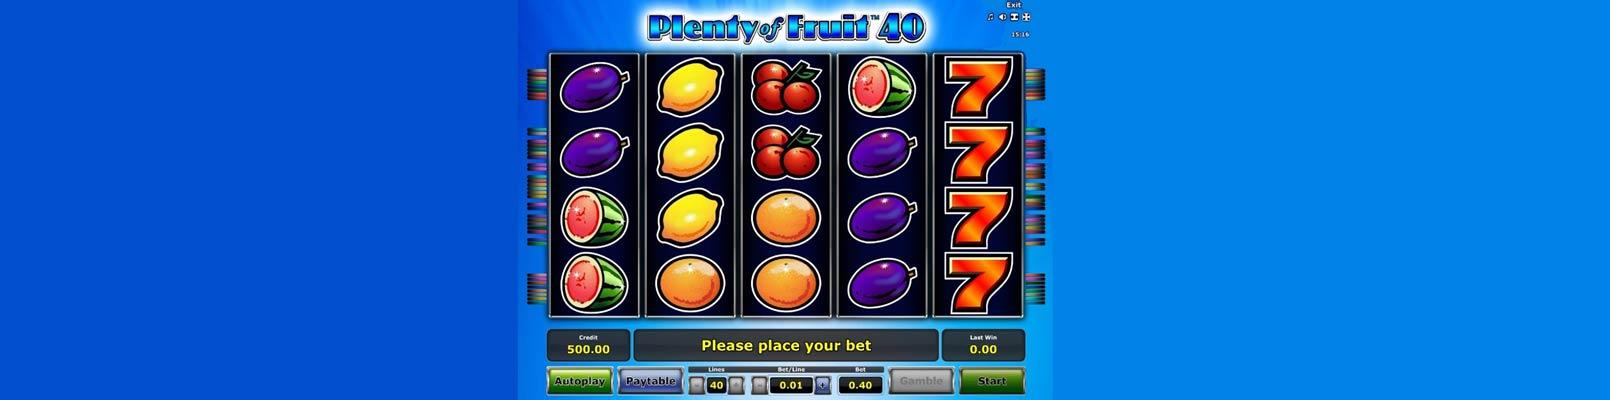 plenty of fruite - top 3 jocuri online cu castiguri reale in bani